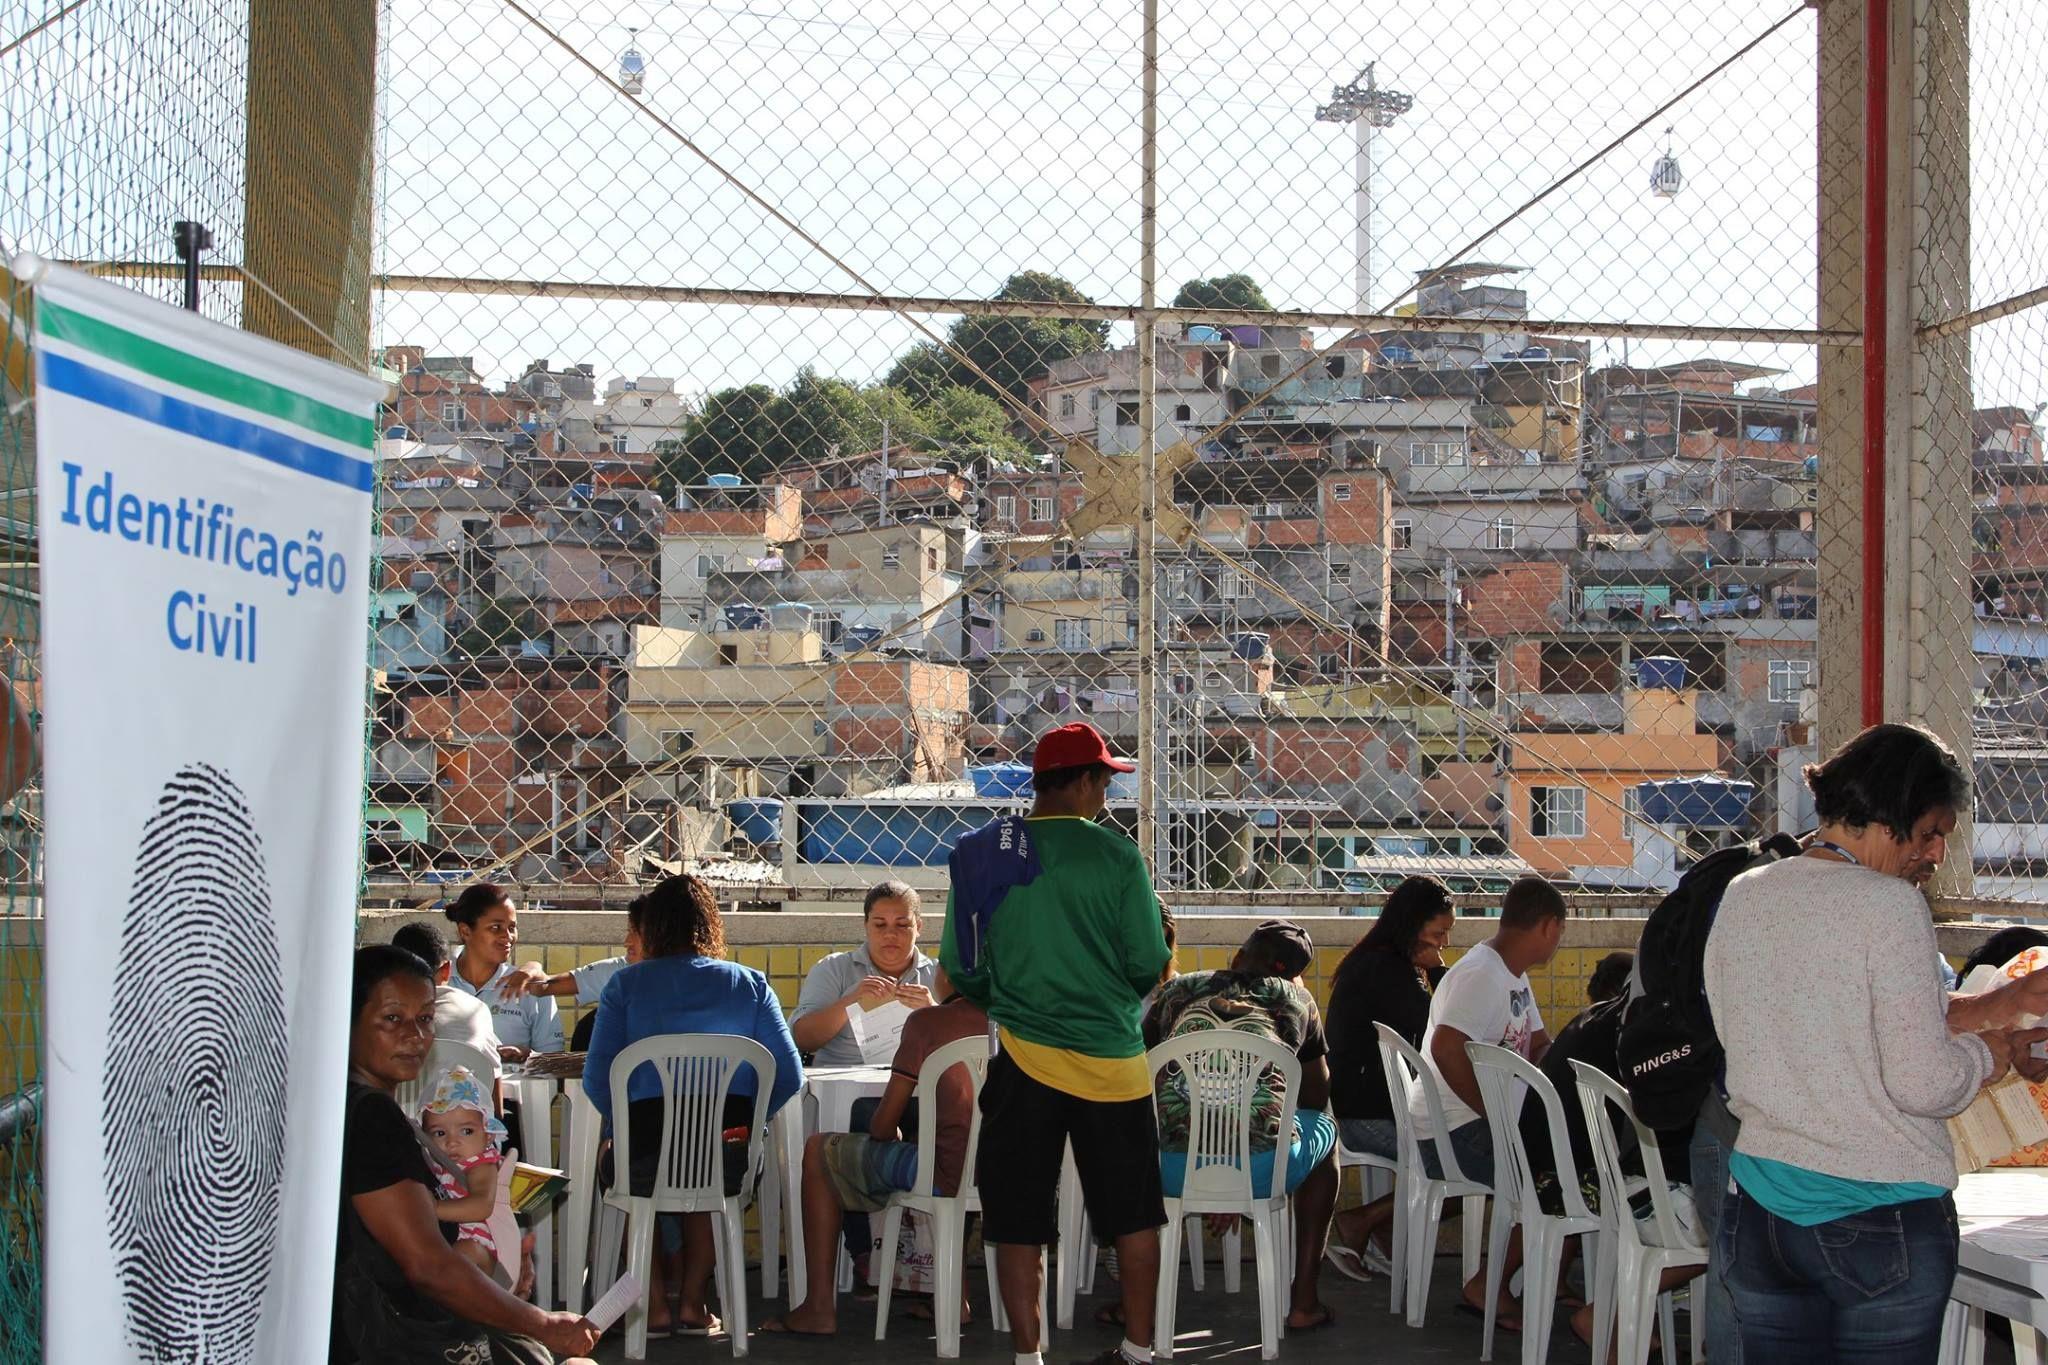 Moradores tiveram a oportunidade de obter certidões / Defensoria Pública do Estado do Rio de Janeiro/Facebook/Reprodução